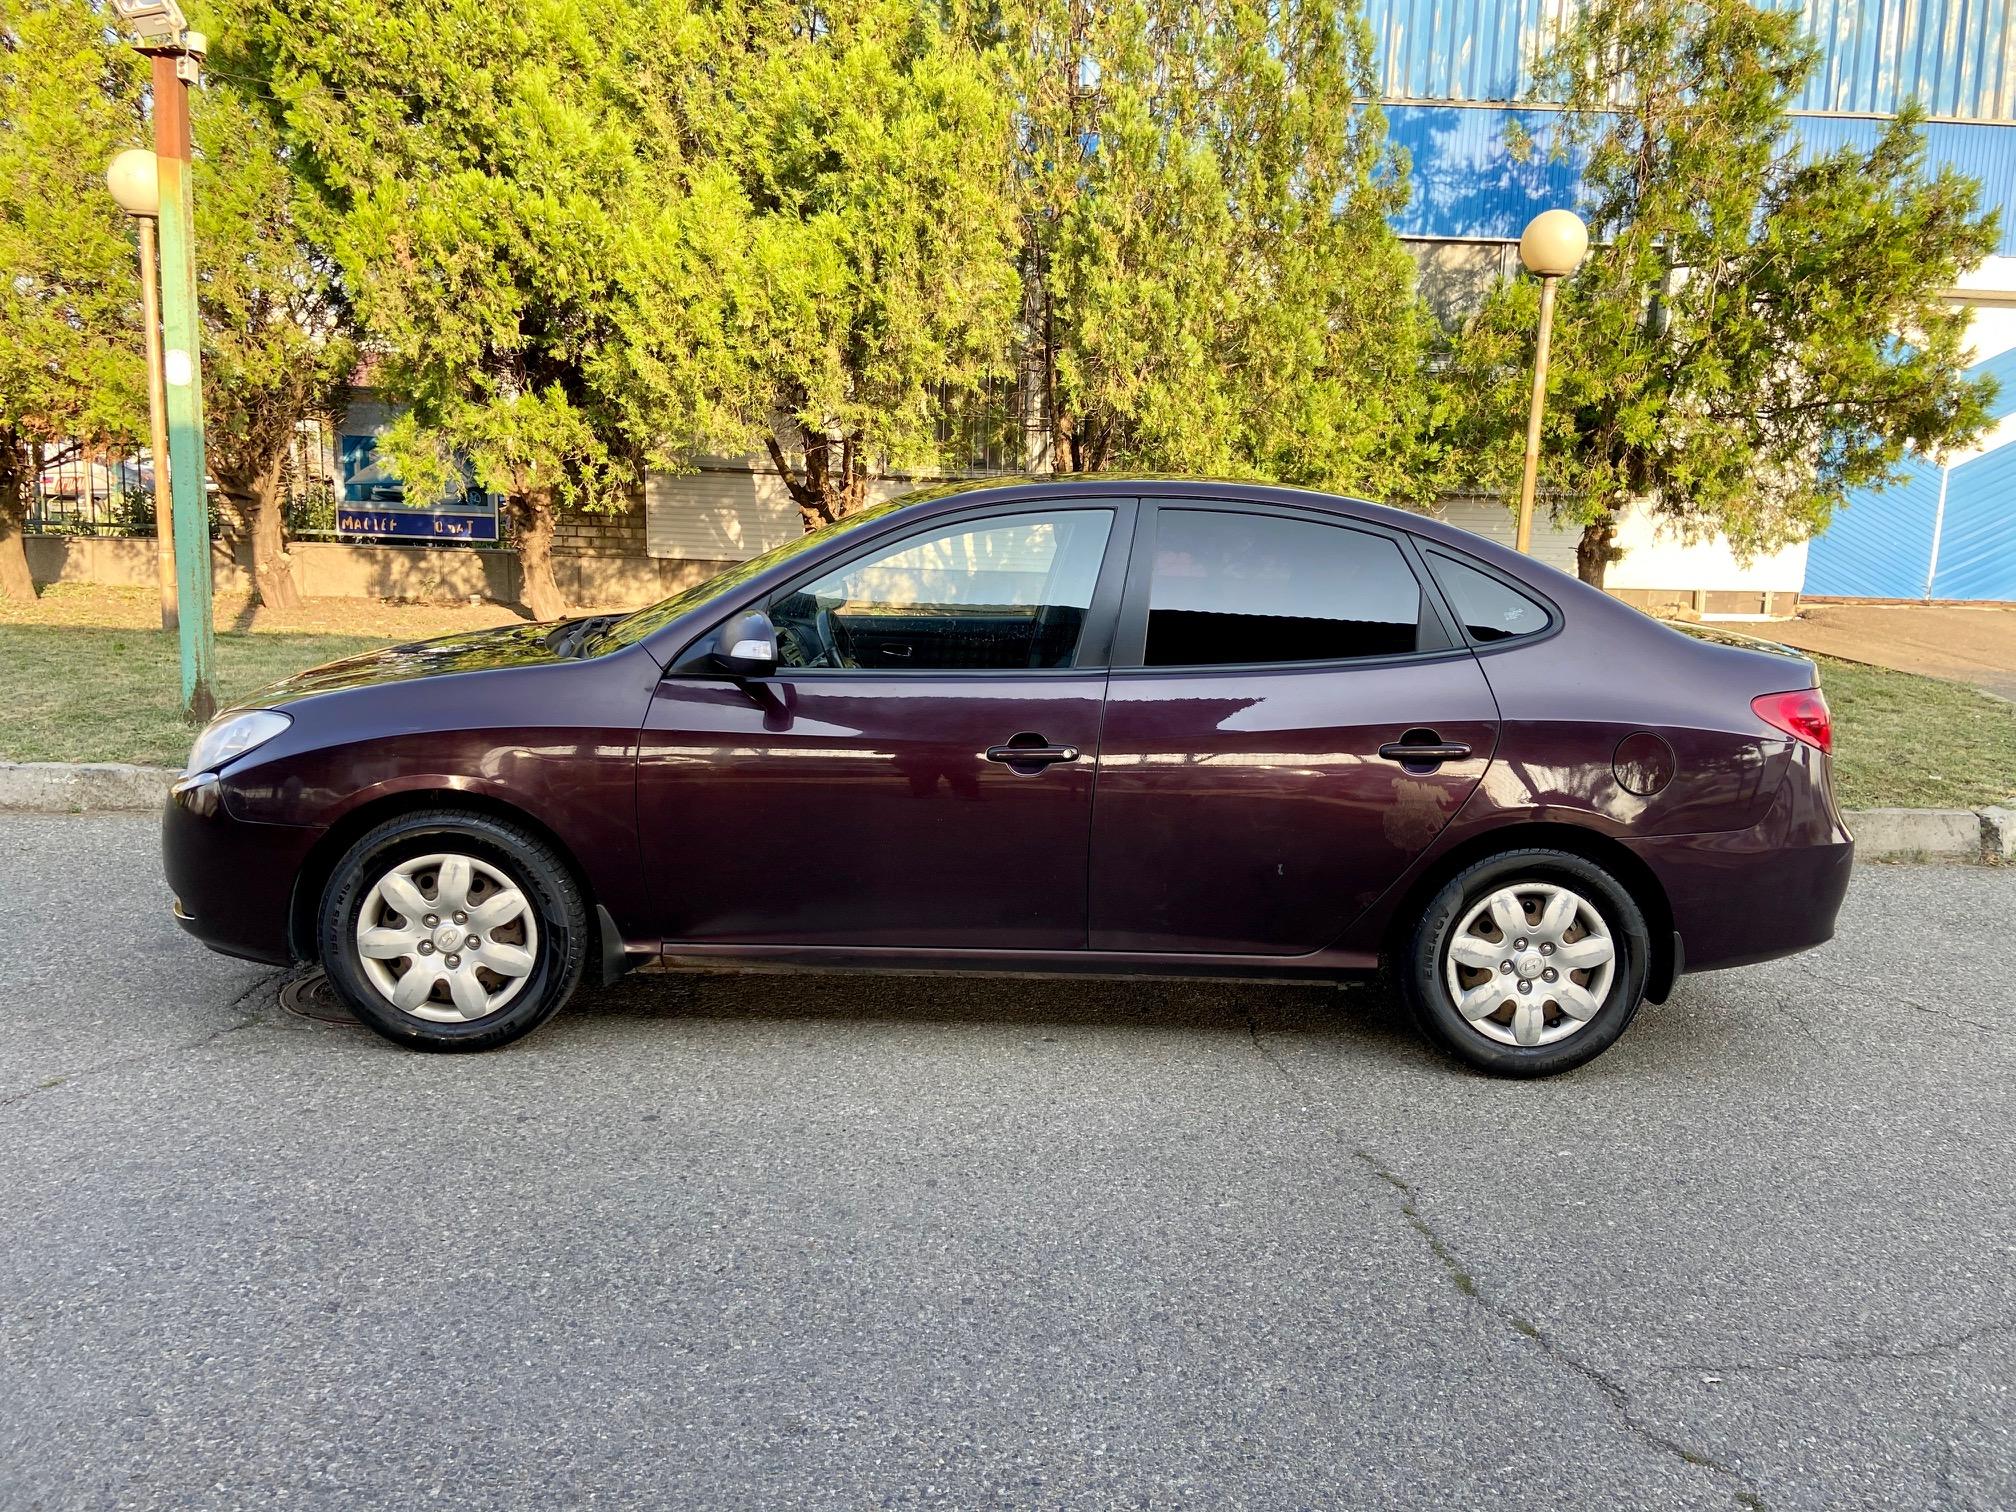 Купить Hyundai Elantra 1.6 GLS MT (Вишнёвый) - Автопарк Ставрополь